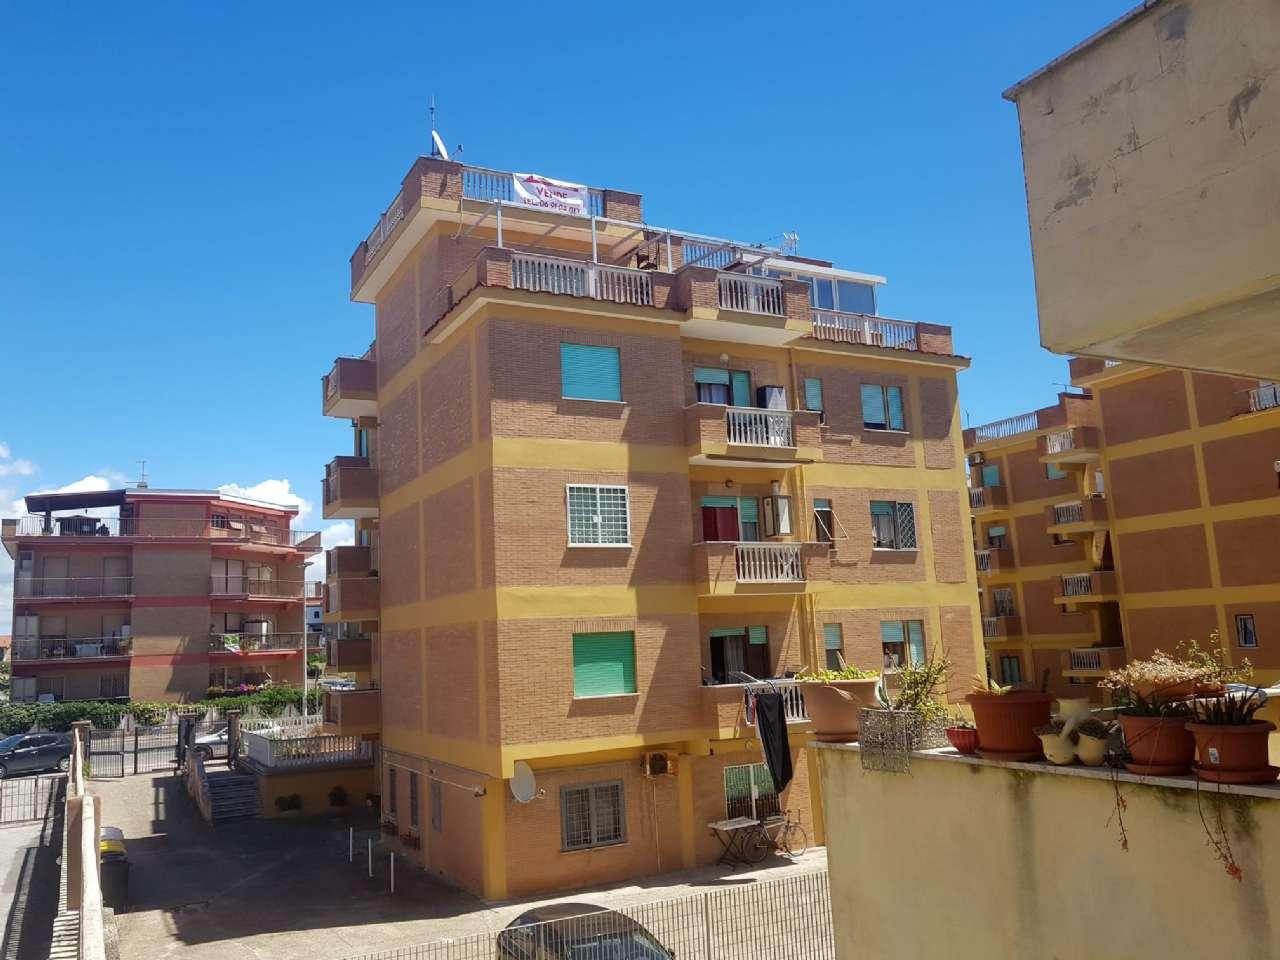 Attico / Mansarda in vendita a Pomezia, 4 locali, prezzo € 120.000   PortaleAgenzieImmobiliari.it